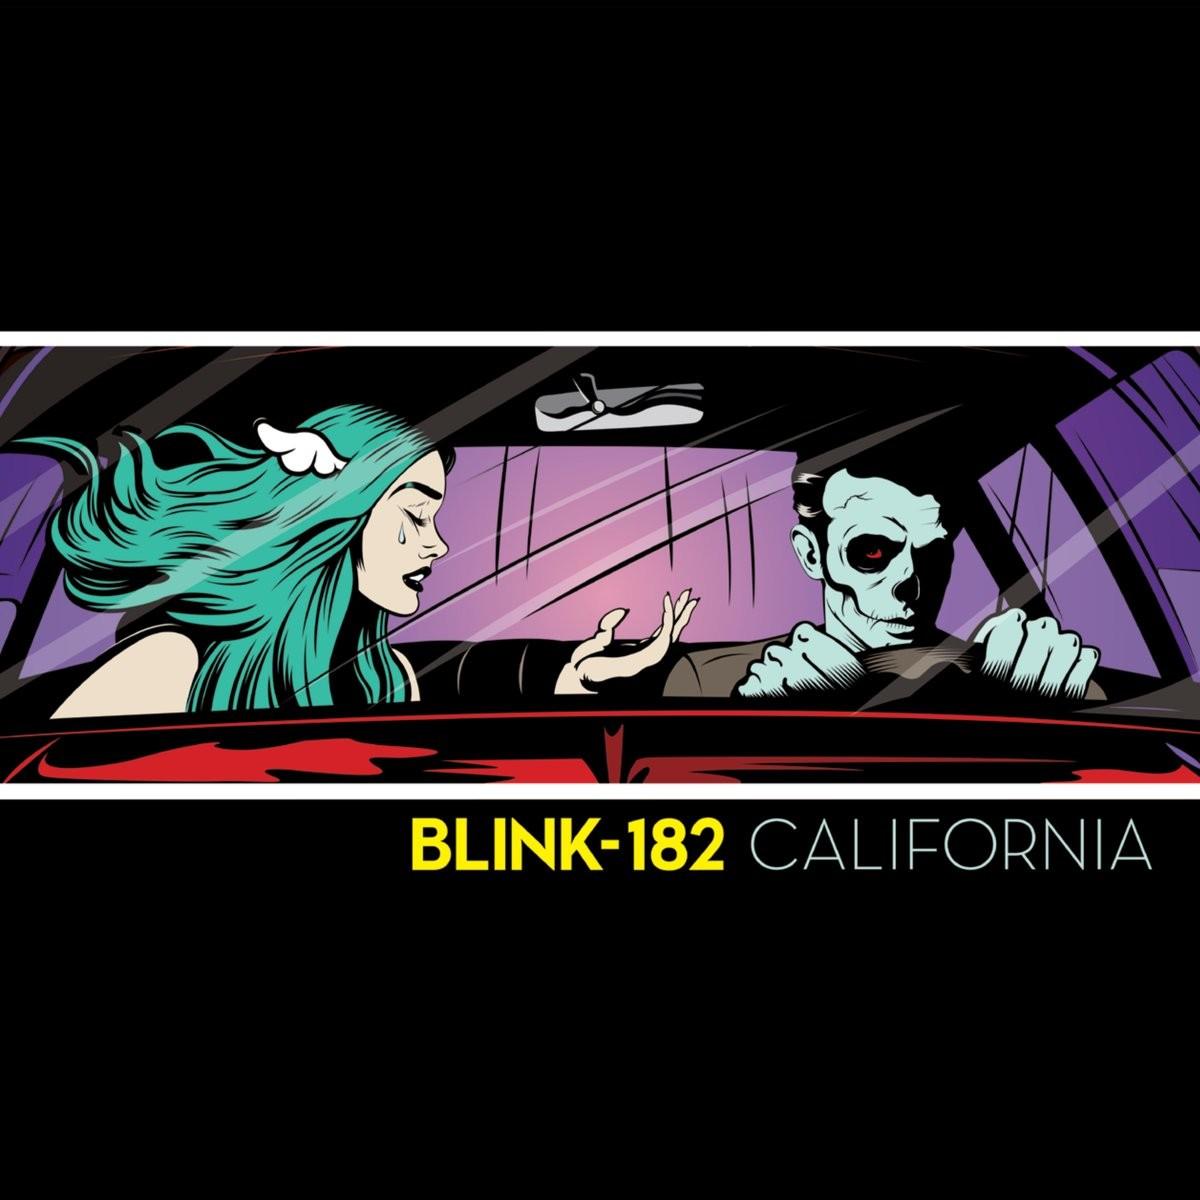 blink-182 - California (Deluxe) 2XLP